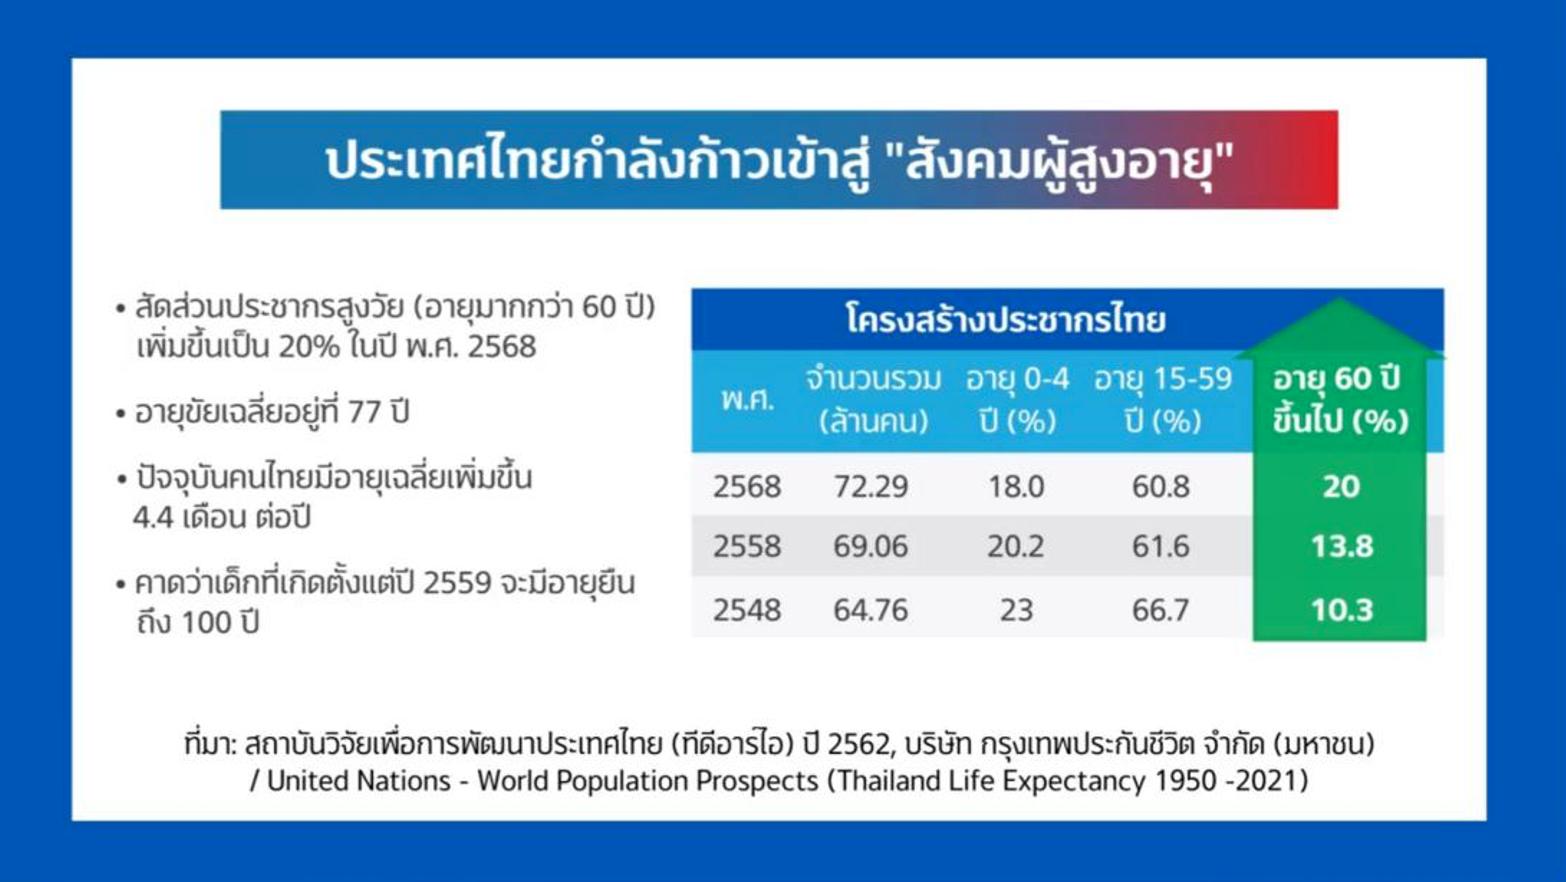 ข่าวดี…คนไทยใกล้อายุยืน 100 ปี ข่าวร้าย…หลังเกษียณอาจมีเงินไม่พอใช้